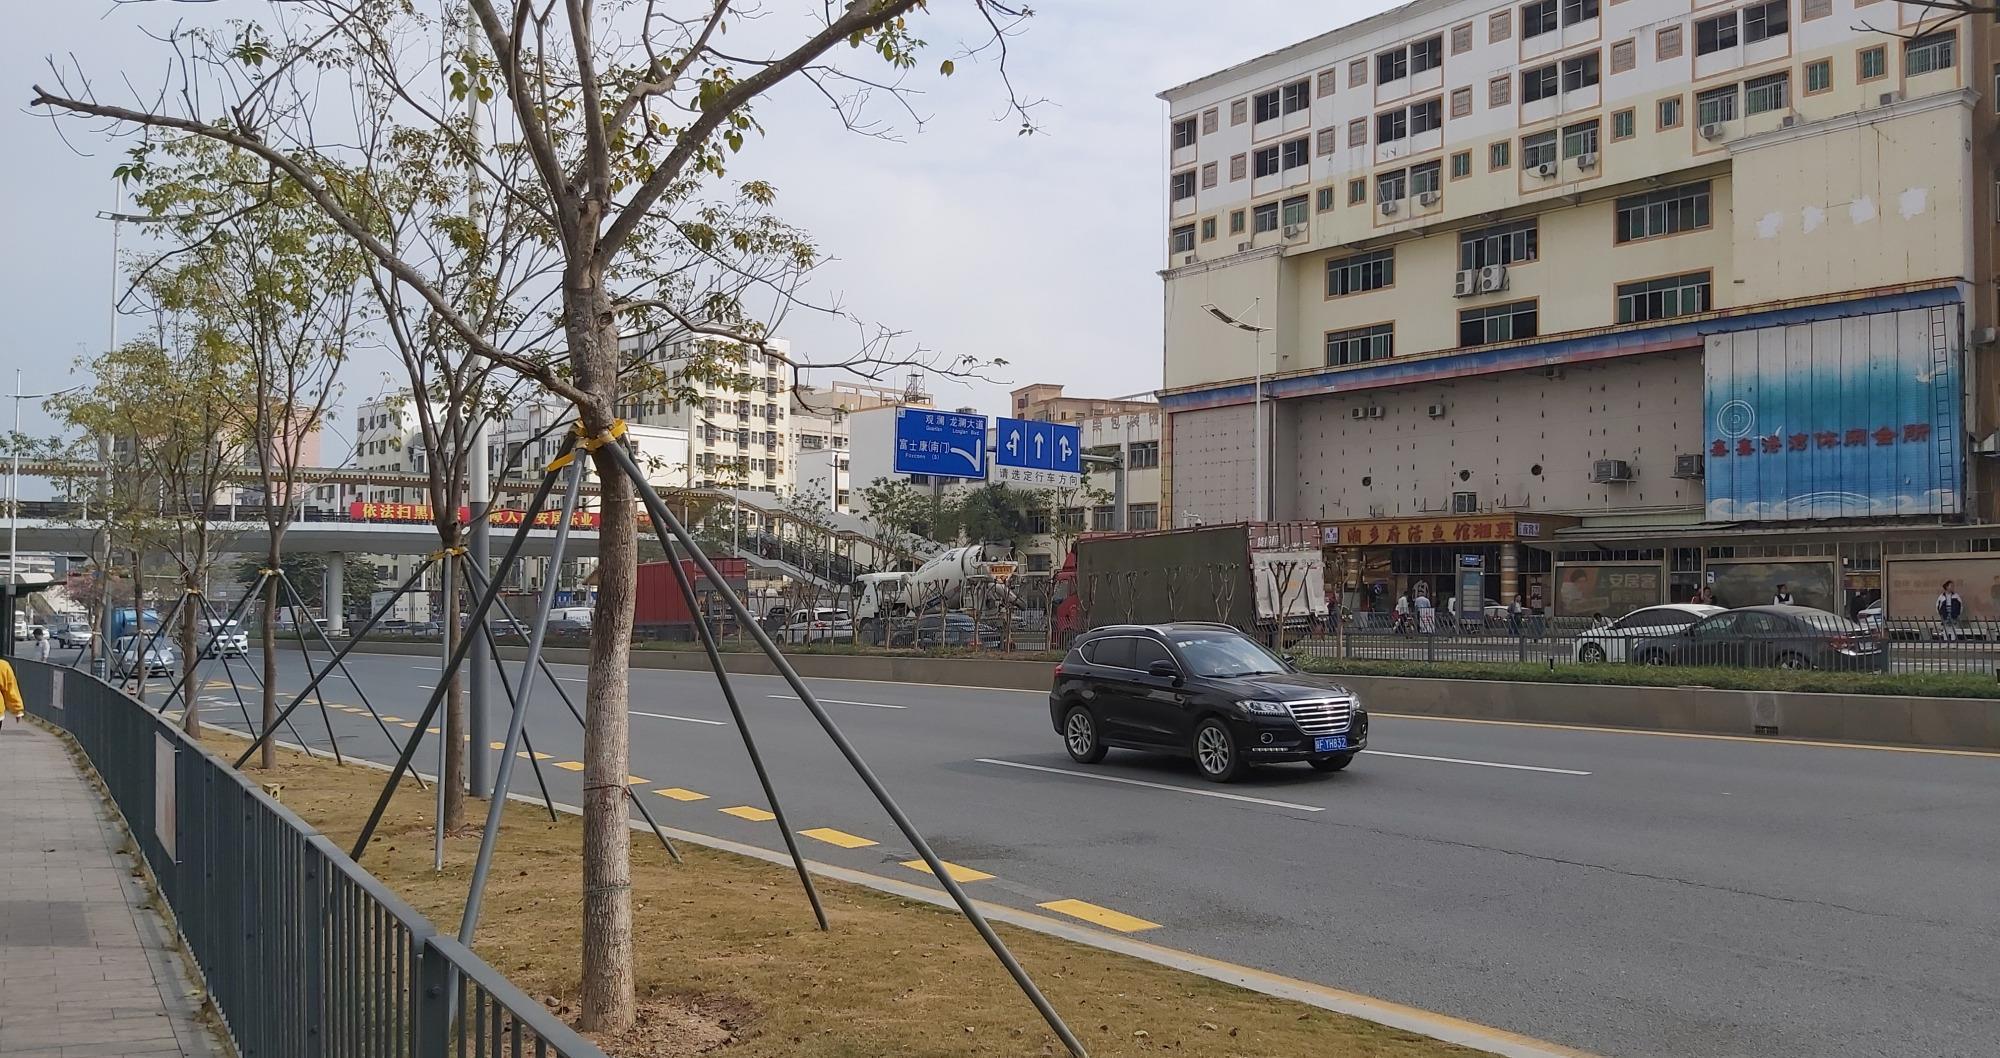 深圳富士康周边的风光杂谈